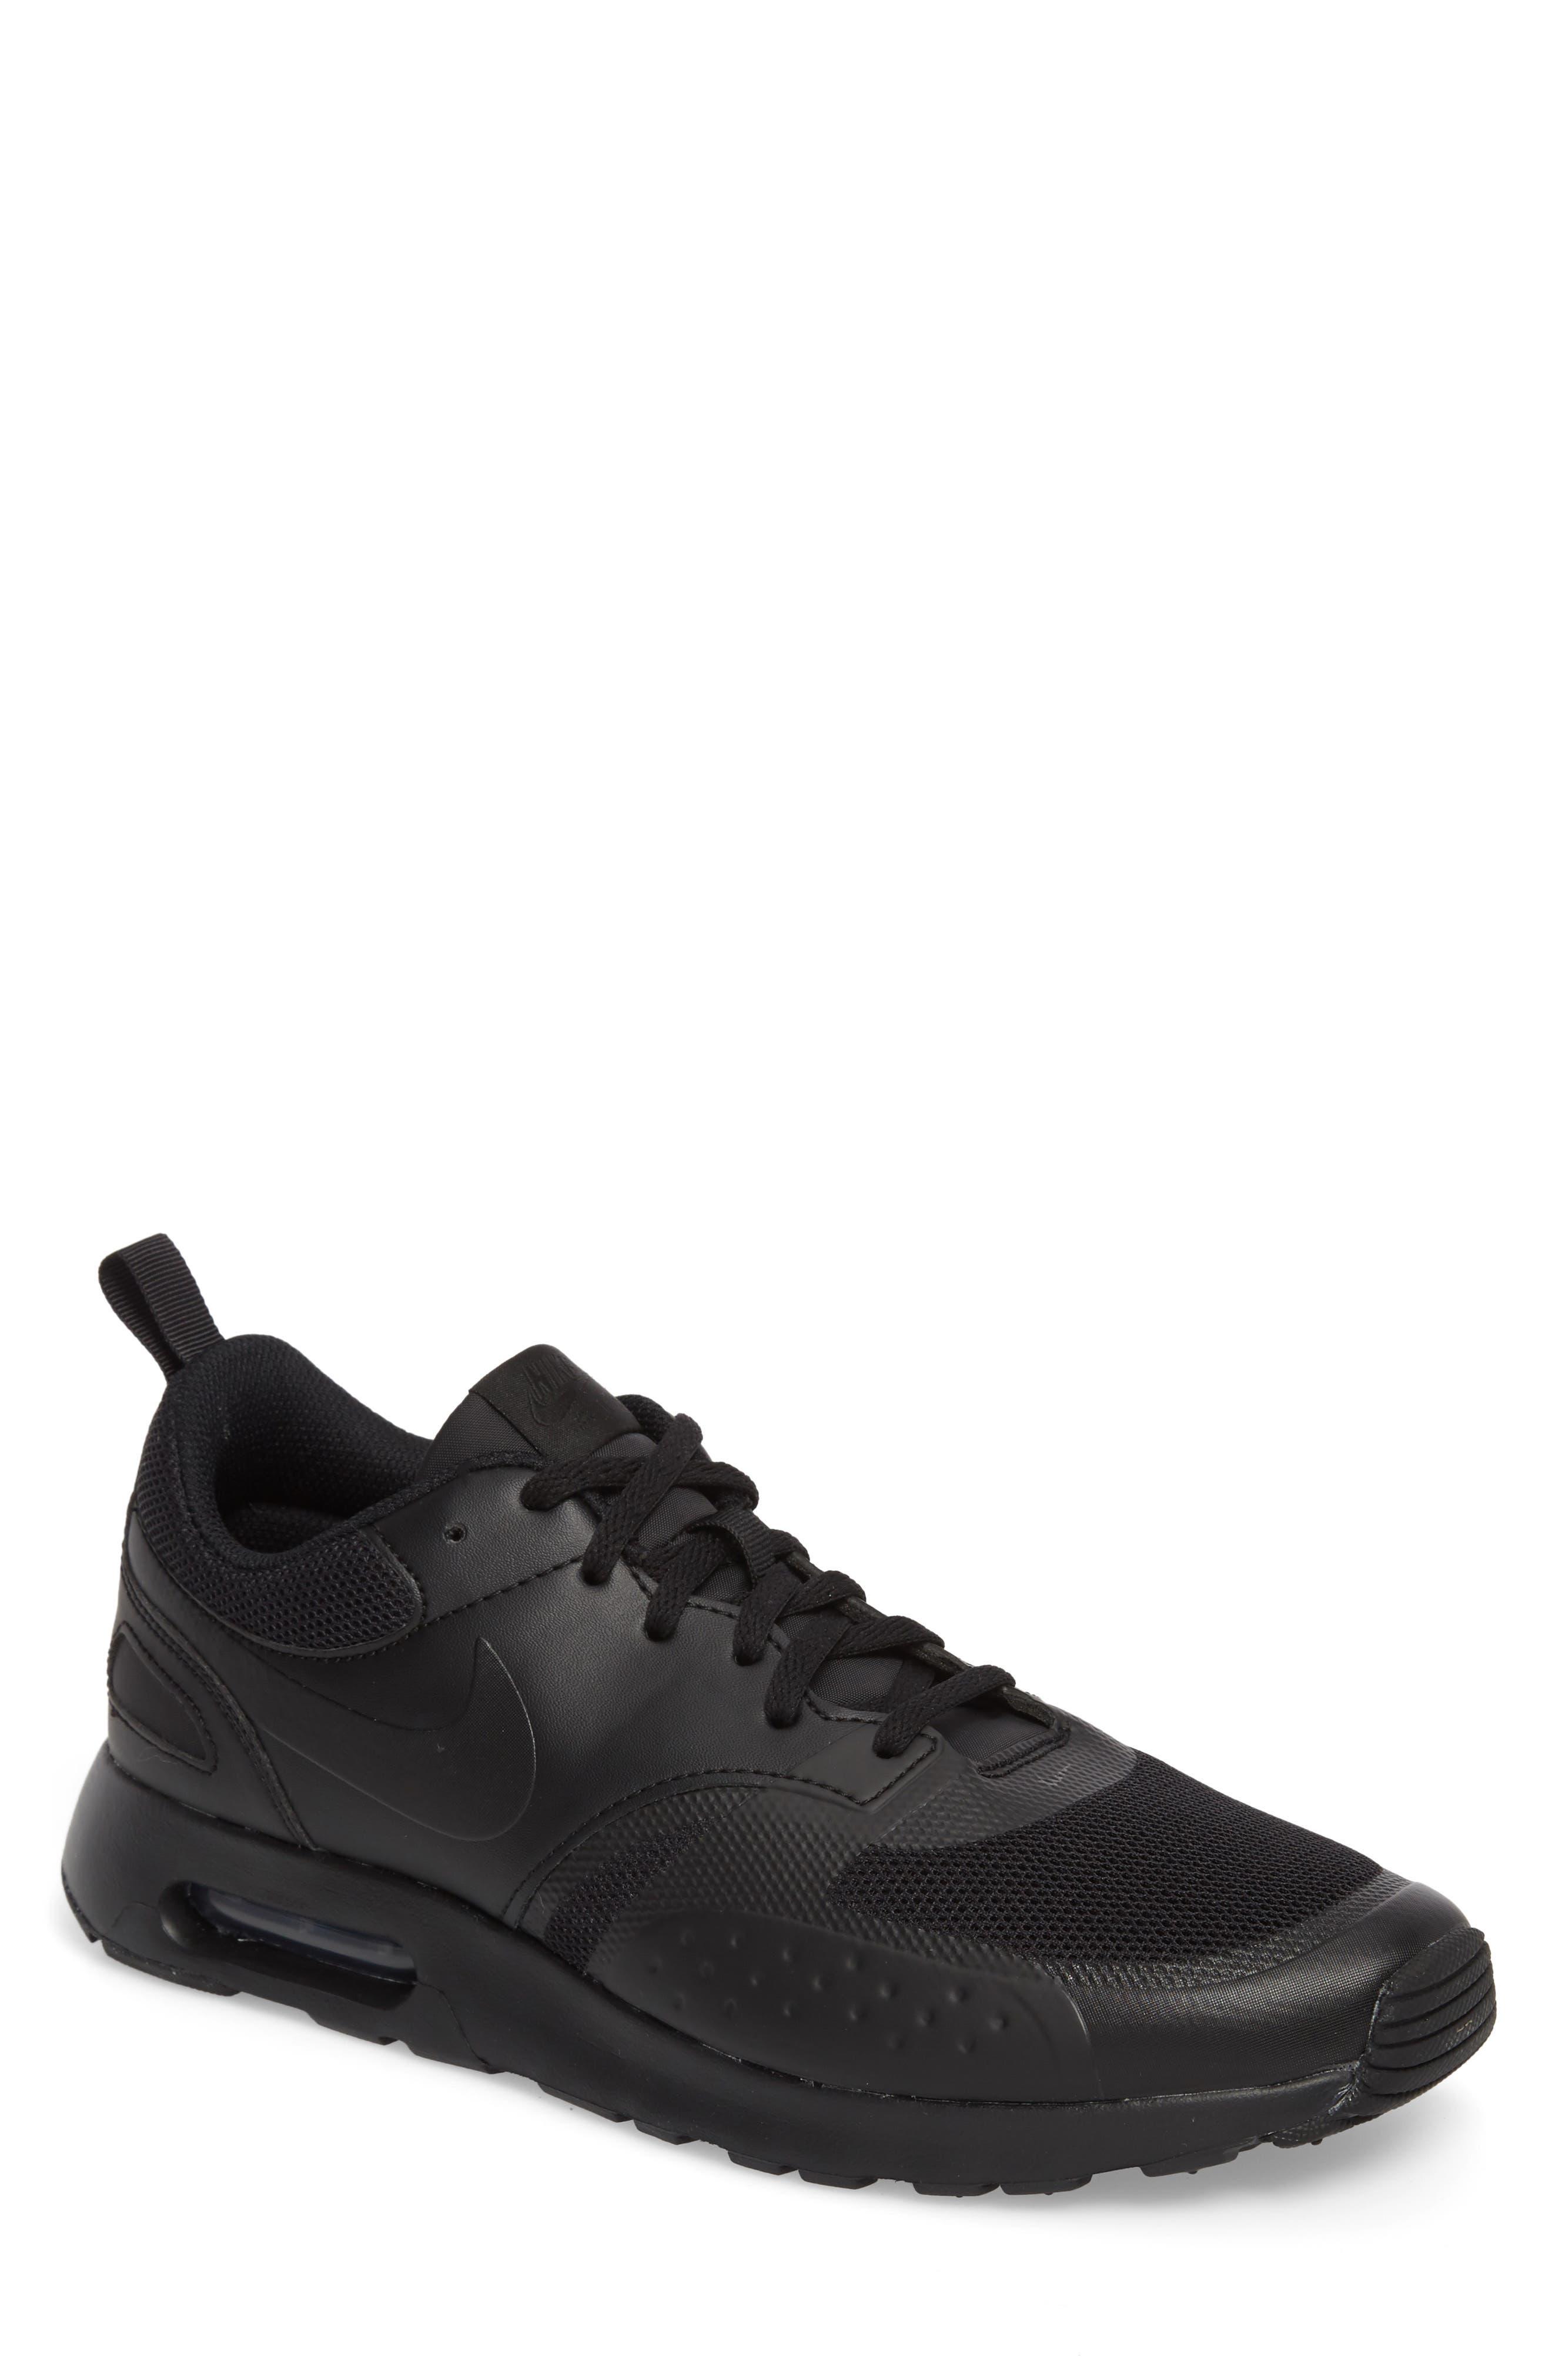 Air Max Vision Sneaker,                         Main,                         color, BLACK/ BLACK